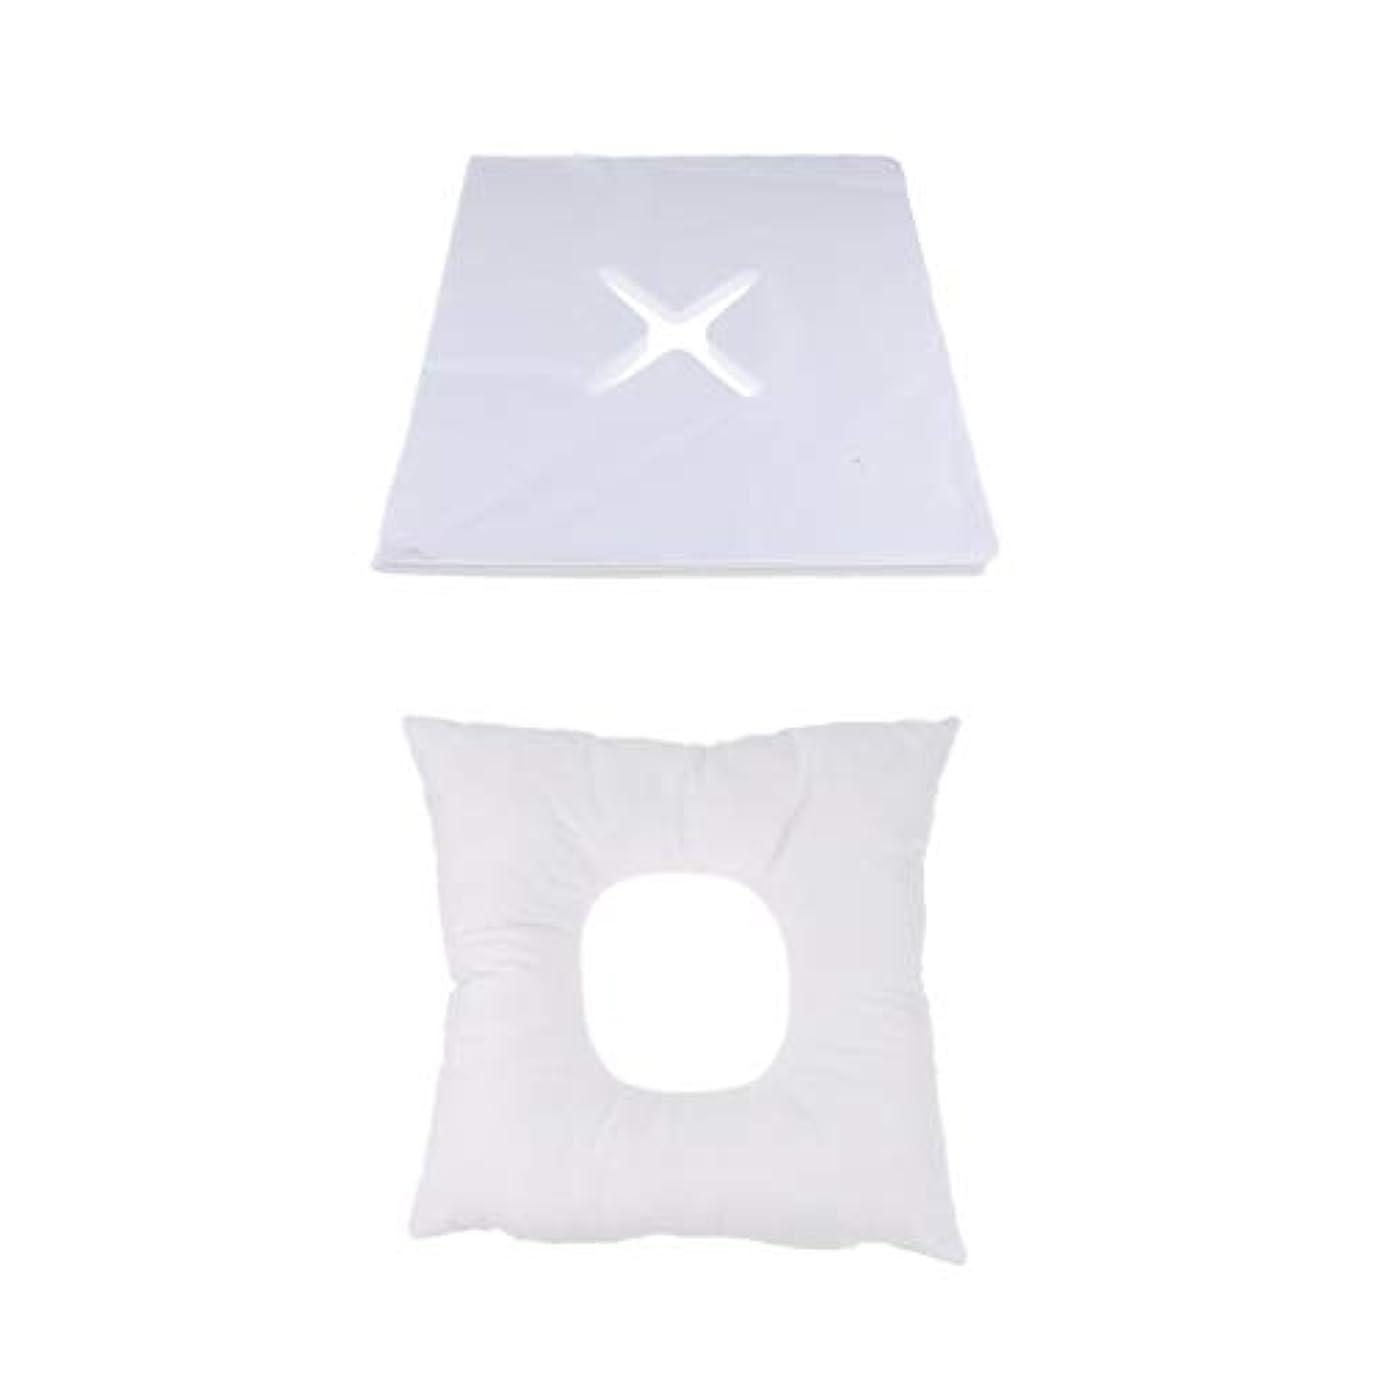 スモッグ無声でホースマッサージ枕 顔枕 フェイスマット 200個使い捨てカバー付き 柔らかく快適